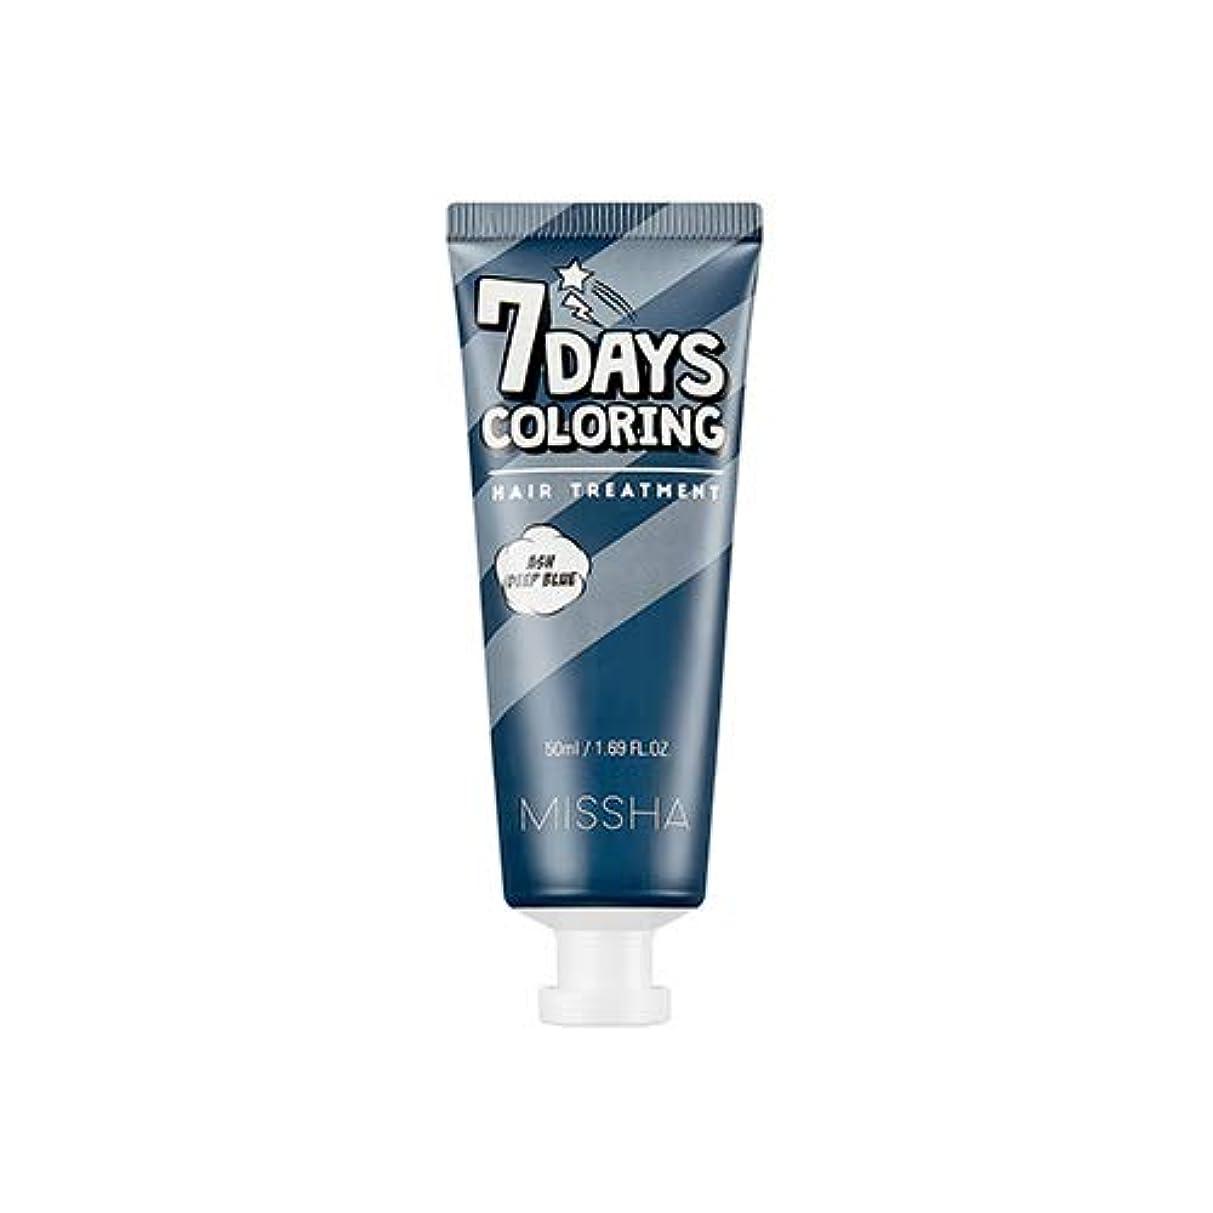 緯度進捗コンソールミシャ セブンデイズカラーリングヘアトリートメント 50ml / MISSHA 7 Days Coloring Hair Treatment # Ash Deep Blue [並行輸入品]